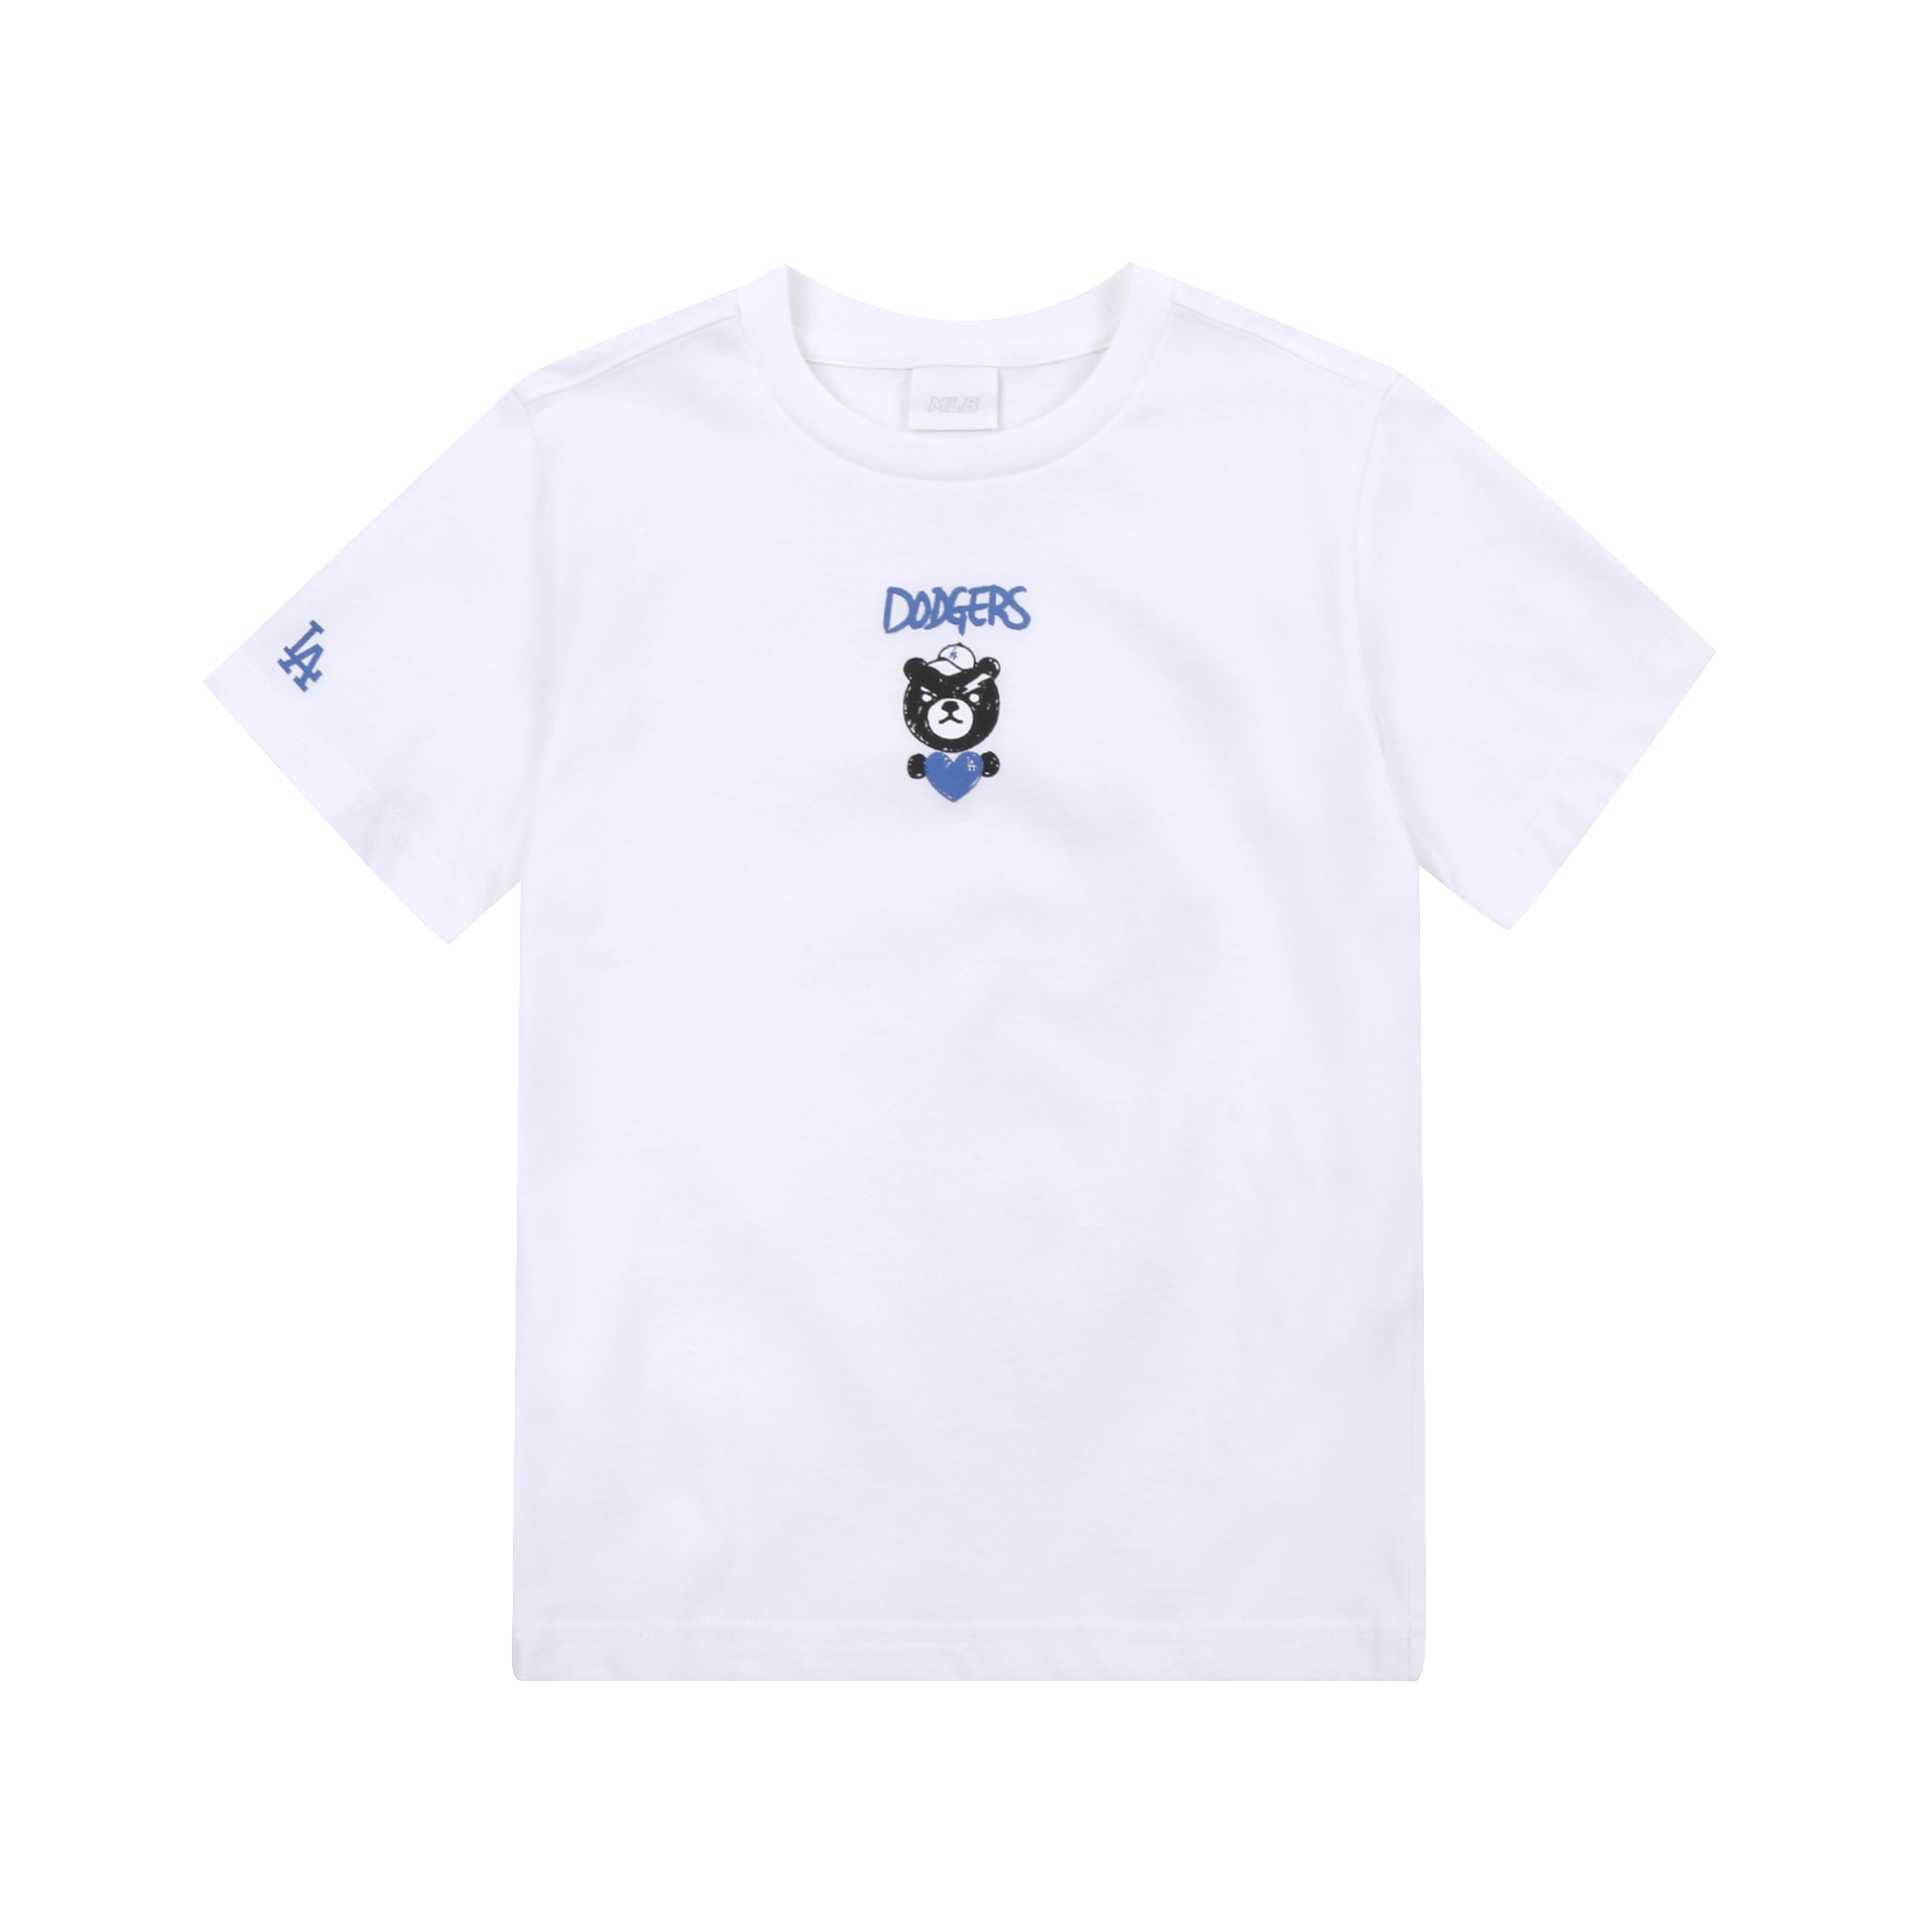 패밀리 메가베어 티셔츠 LA다저스